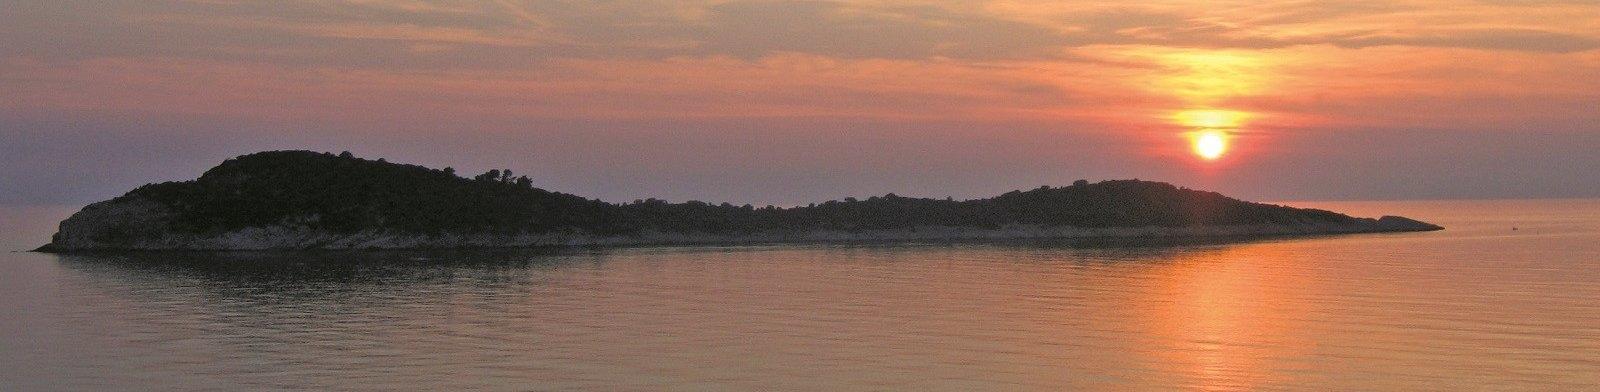 Island Mrkan at sunset